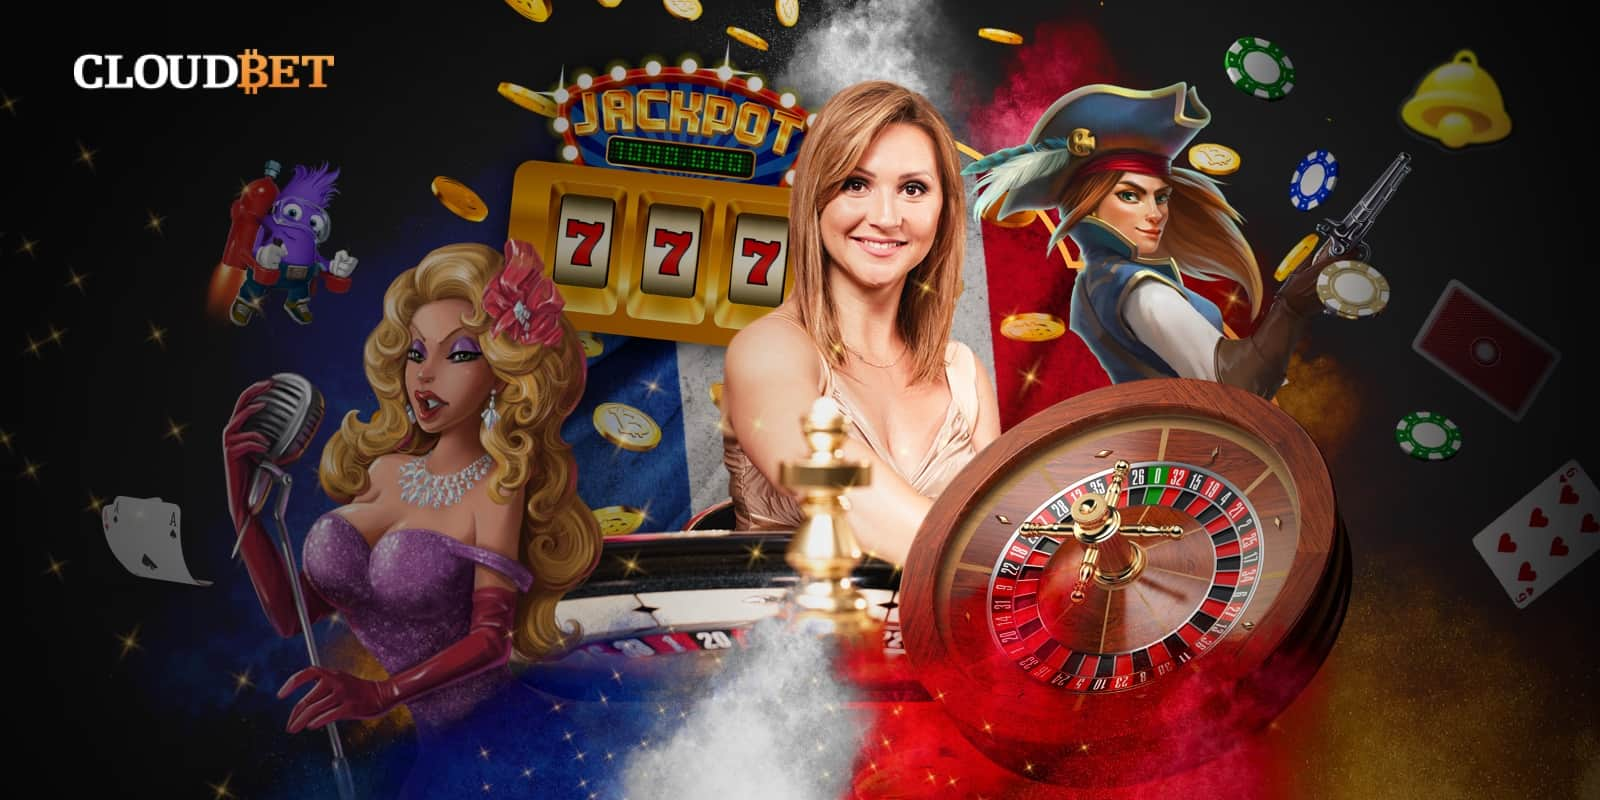 Pariez, jouez et gagnez – Cloudbet casino est maintenant disponible en français